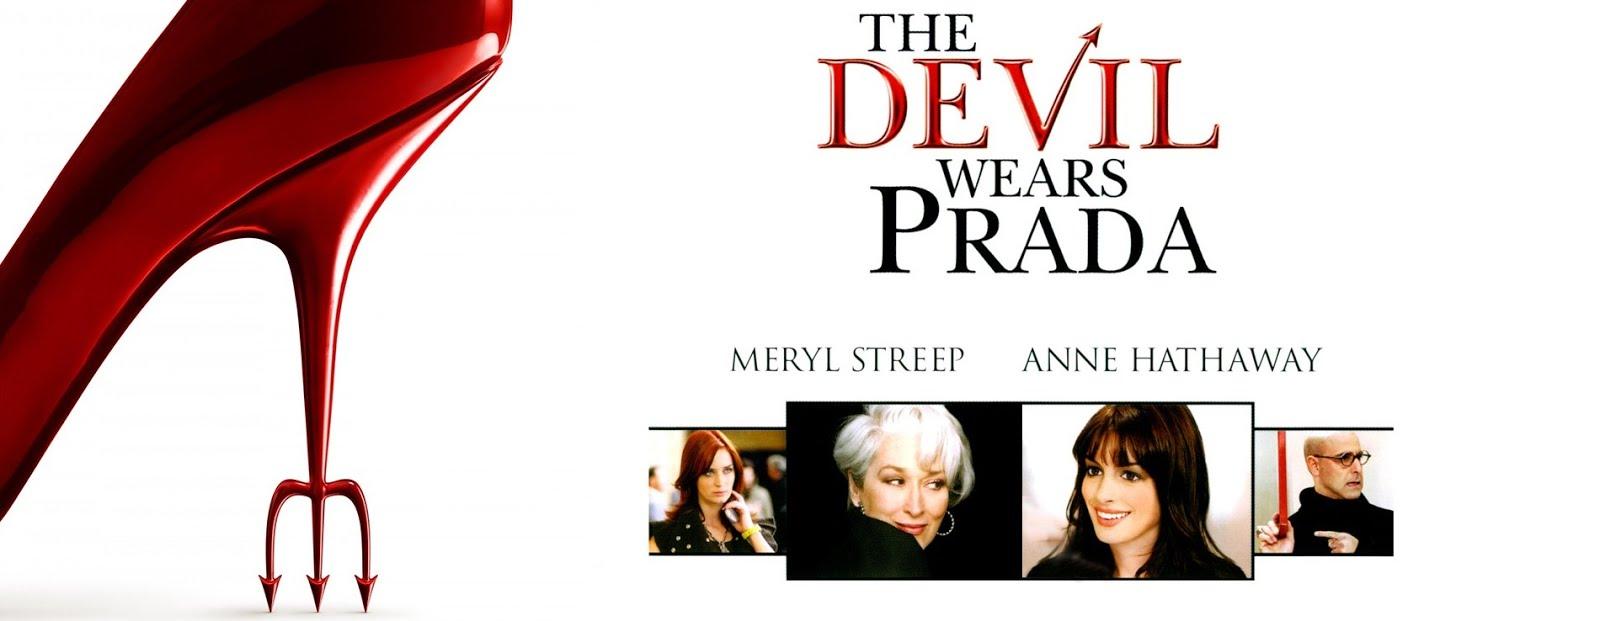 b4ae3b66b The Devil Wears Prada (Baseado no livro homônimo de Lauren Weisberger)  Dirigido por. David Frankel Roteiro de. Aline Brosh McKenna